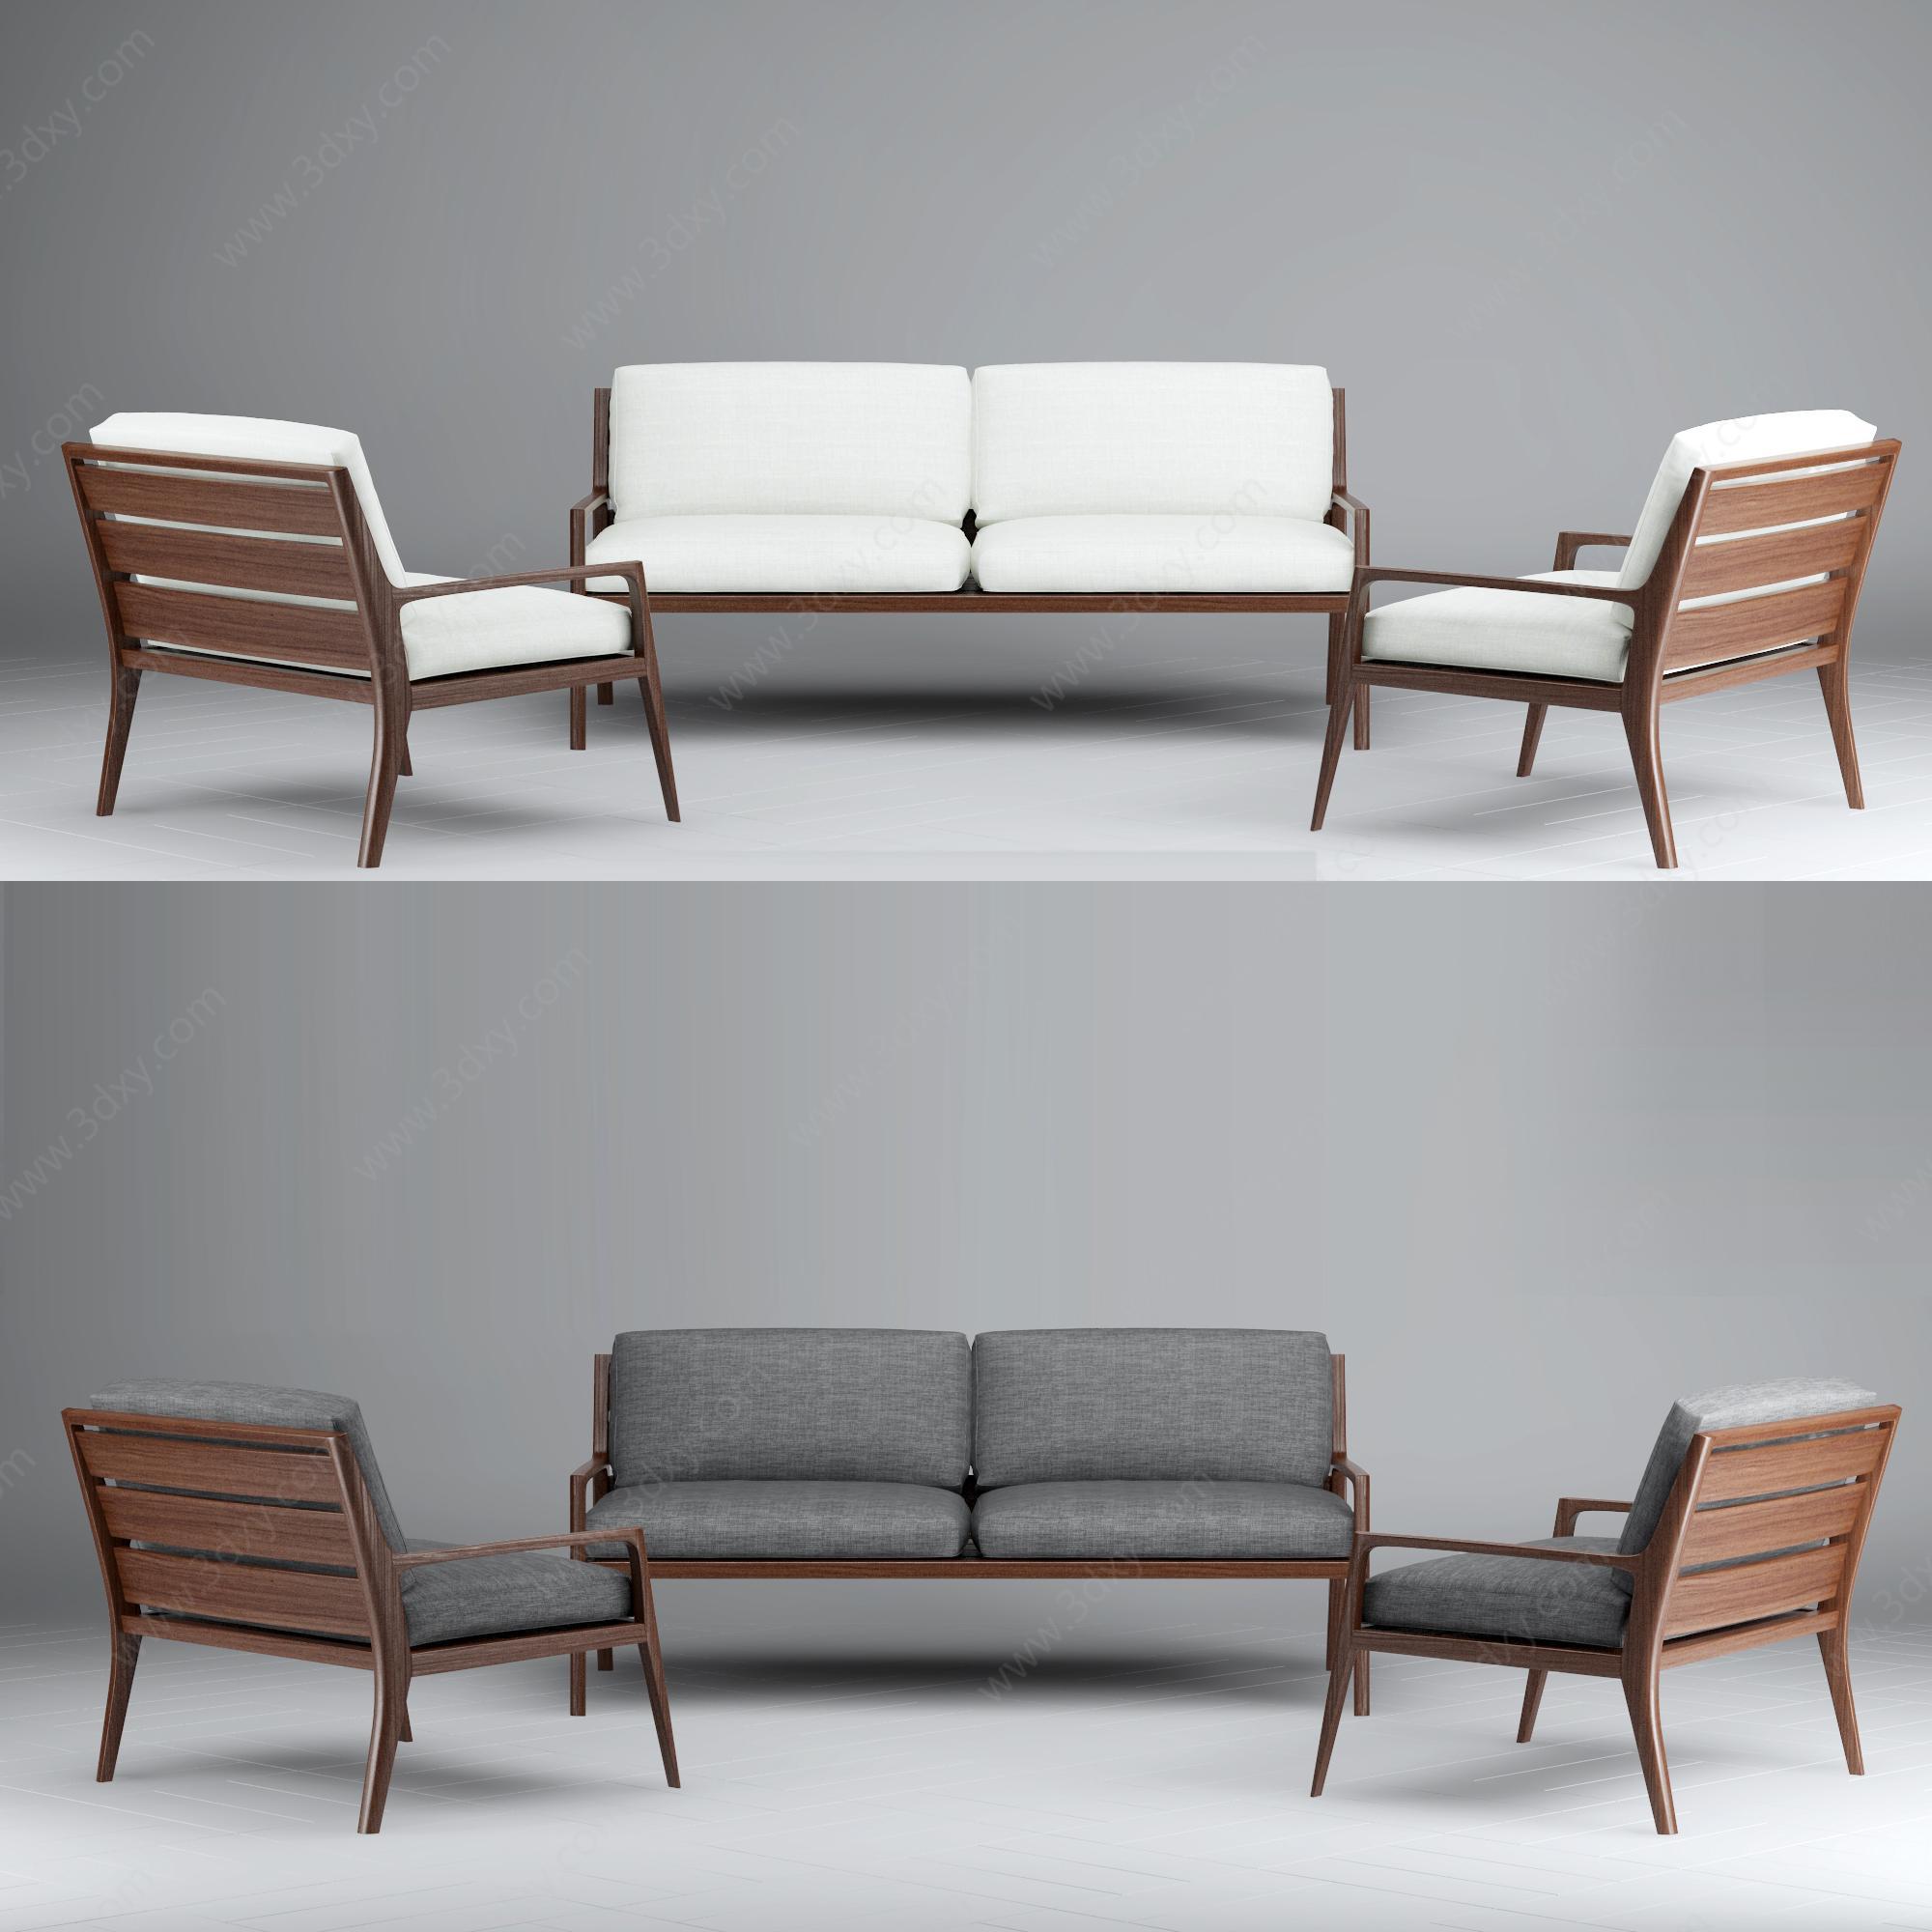 北欧简约实木沙发模型